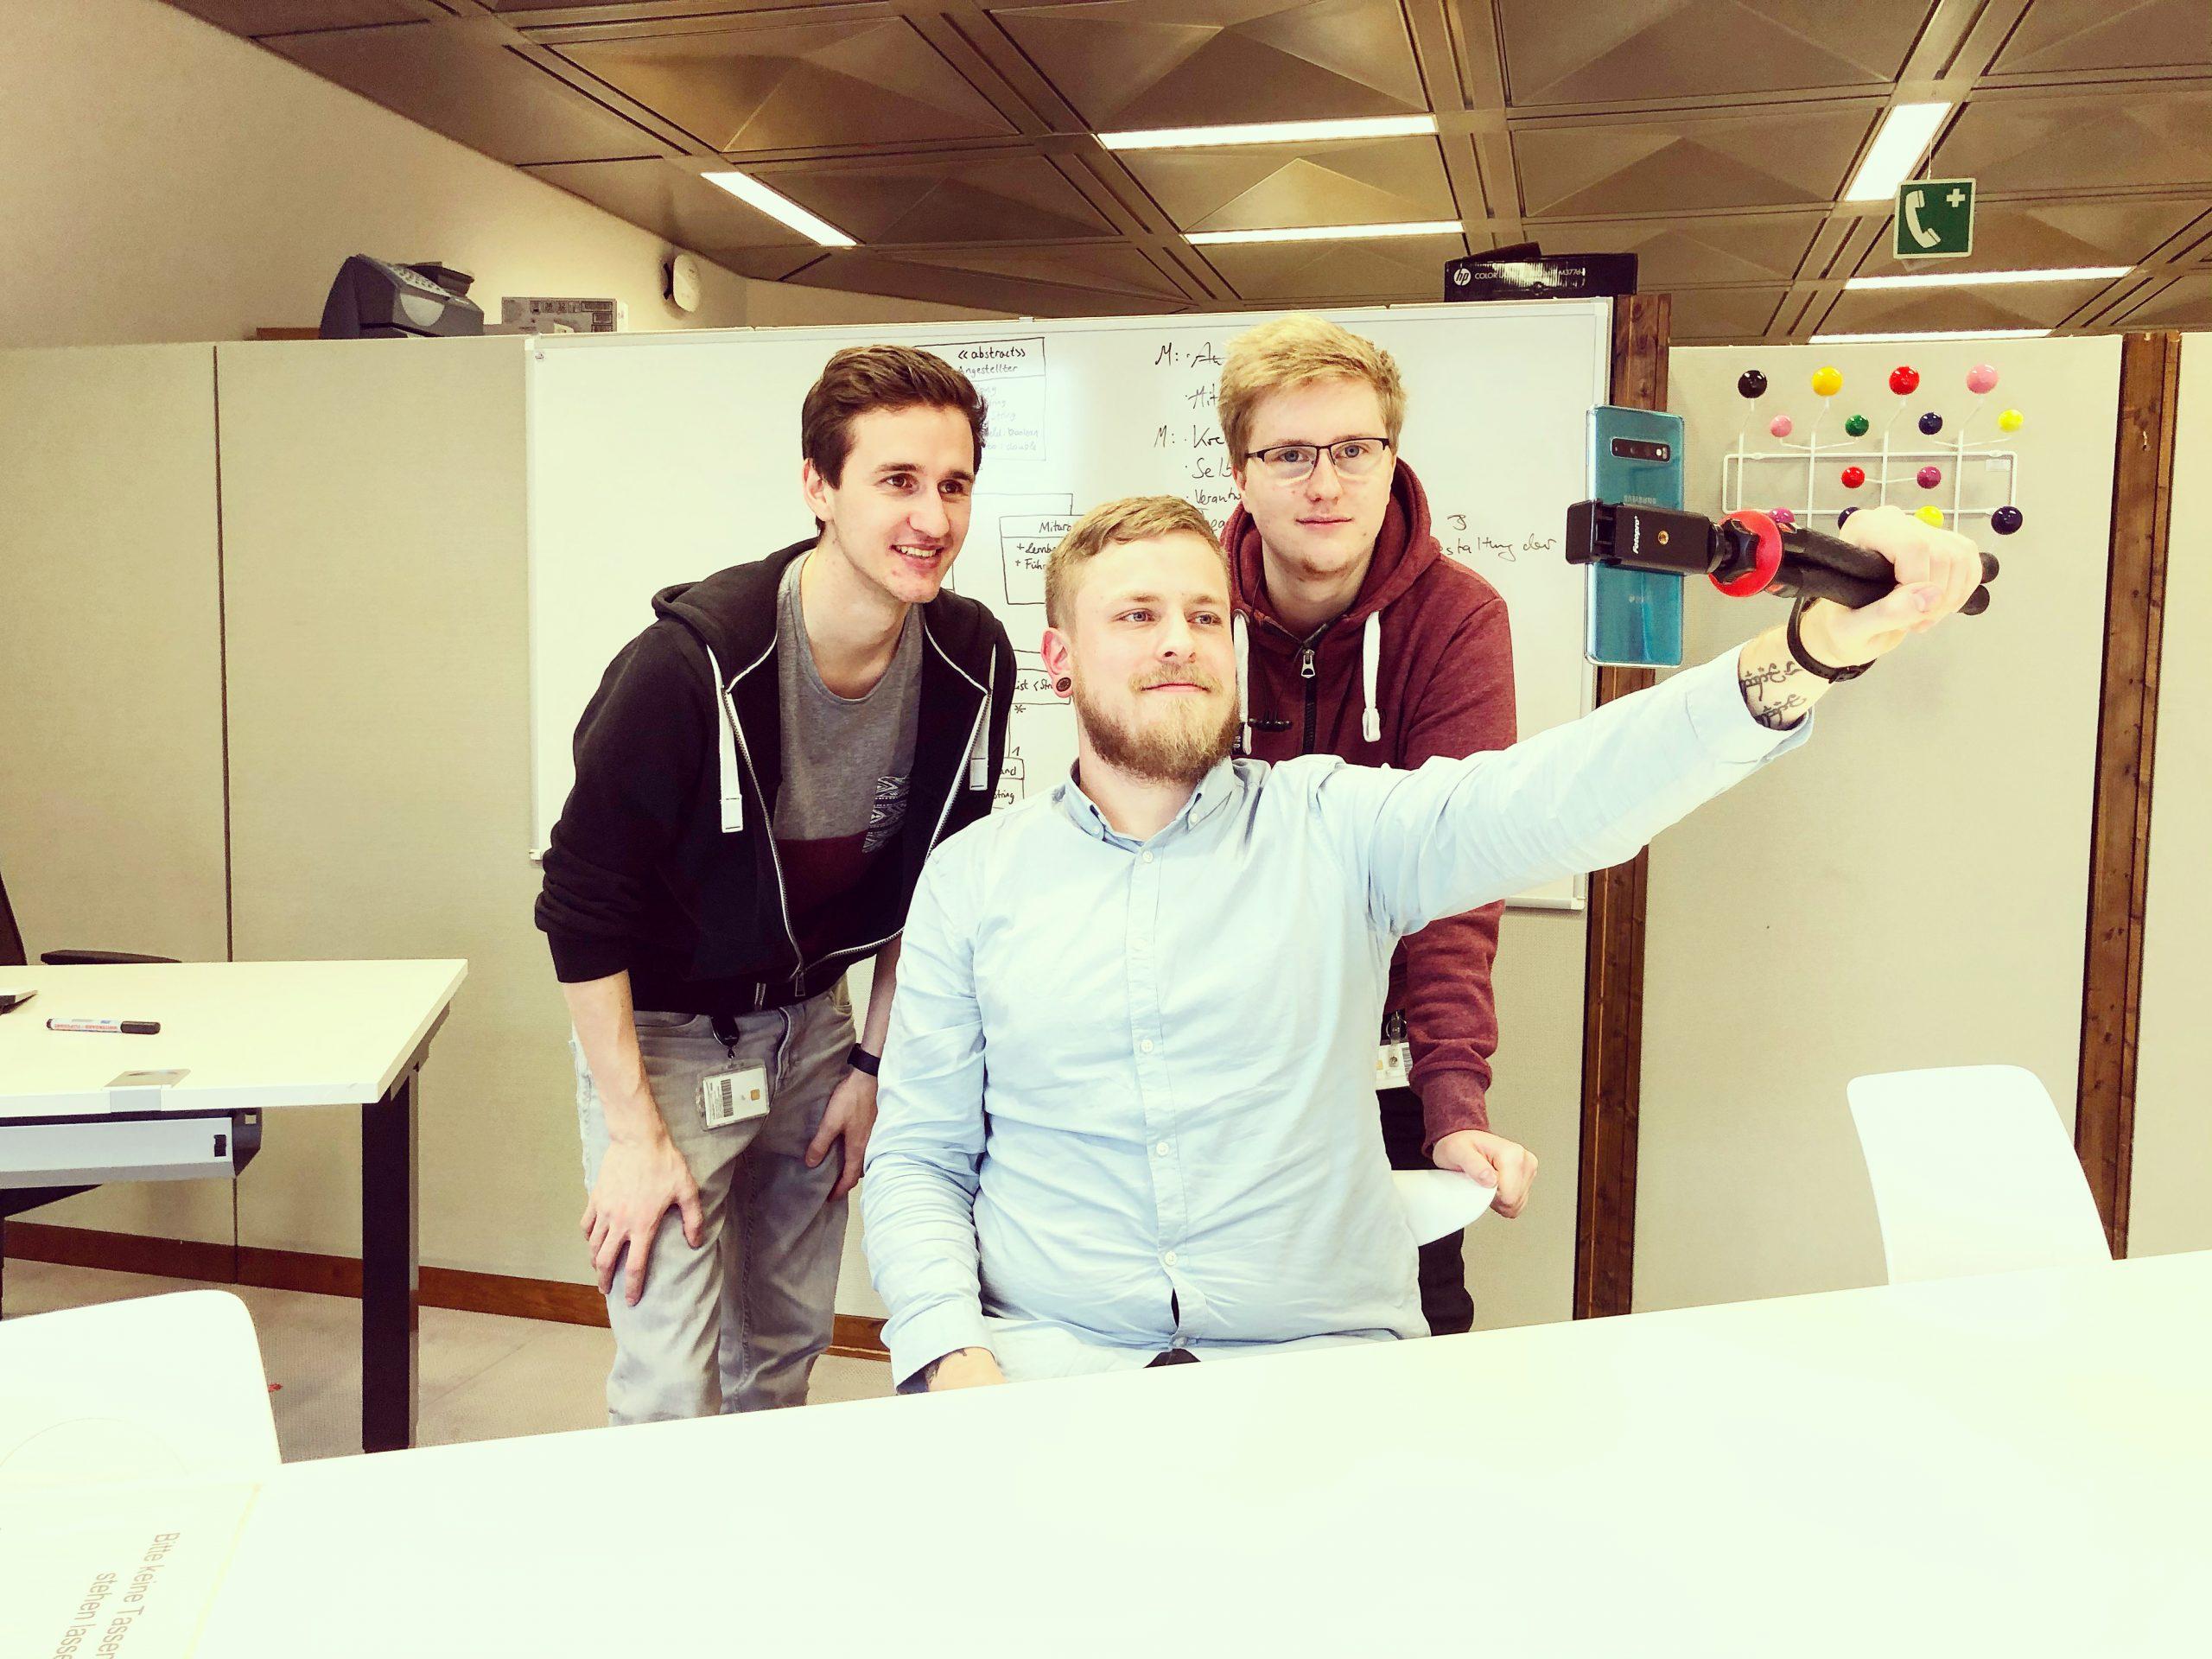 Drei Jugendliche machen ein Selfie